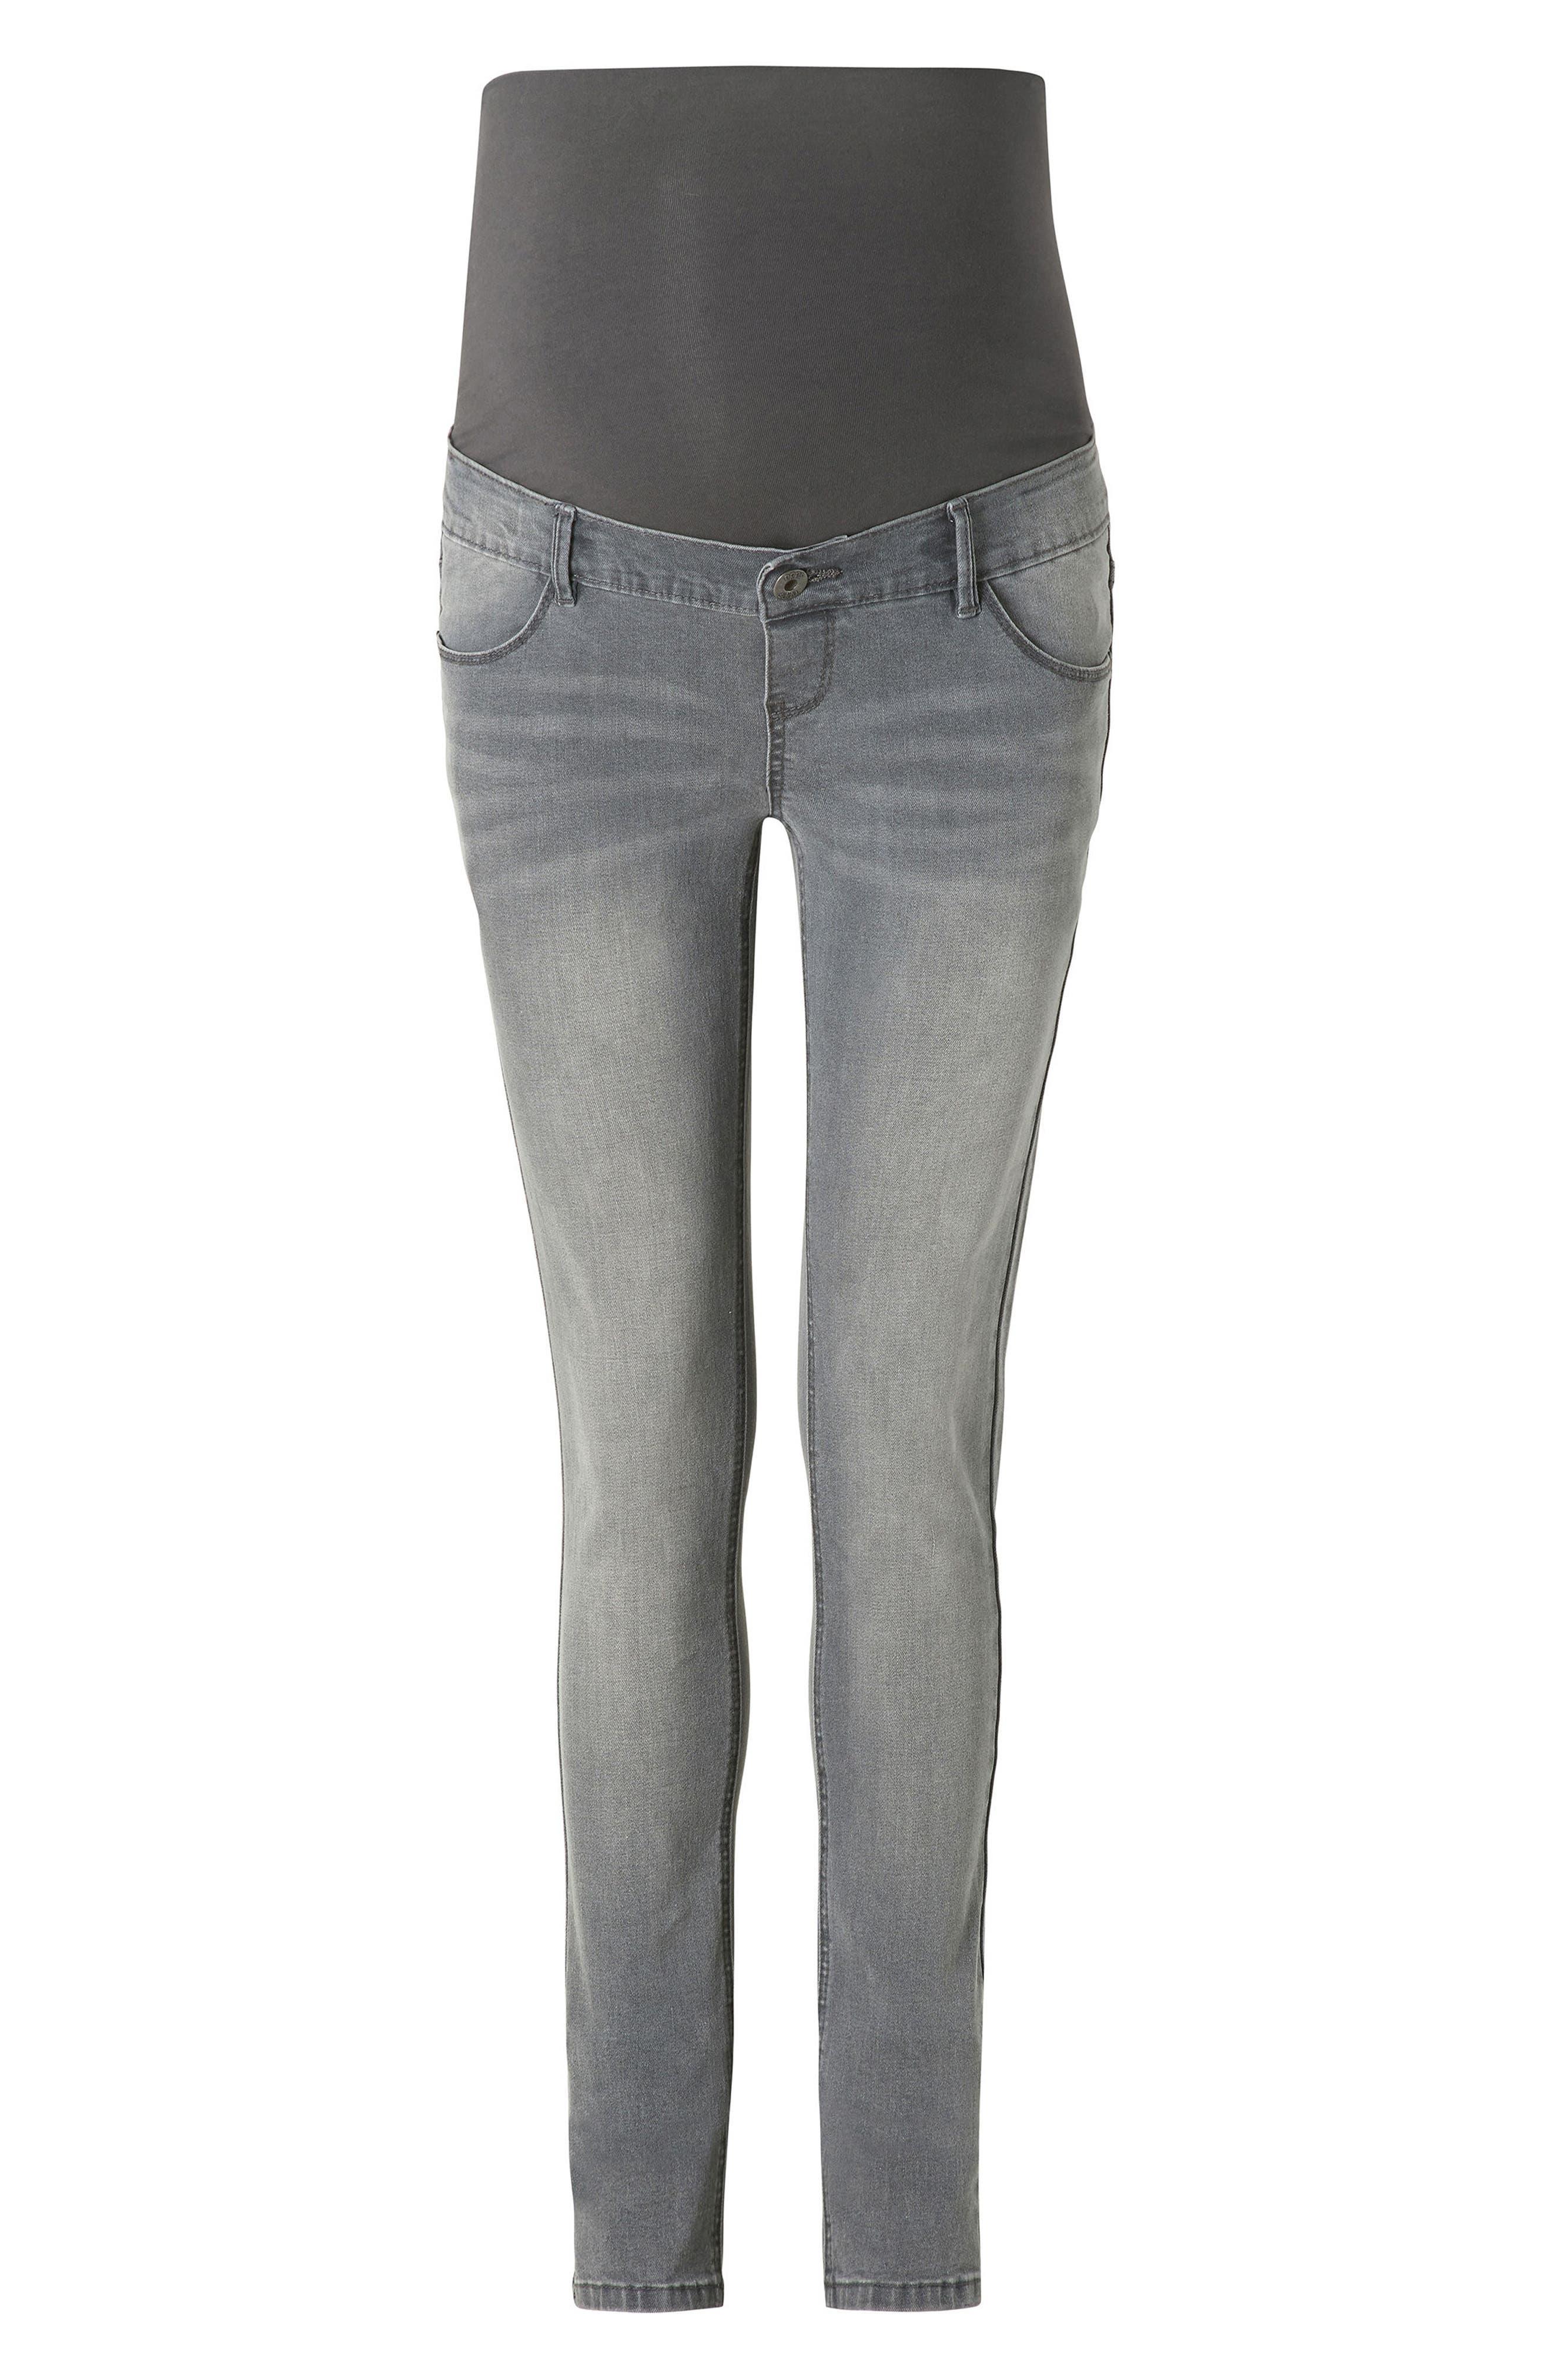 Main Image - Noppies Avi Skinny Maternity Jeans